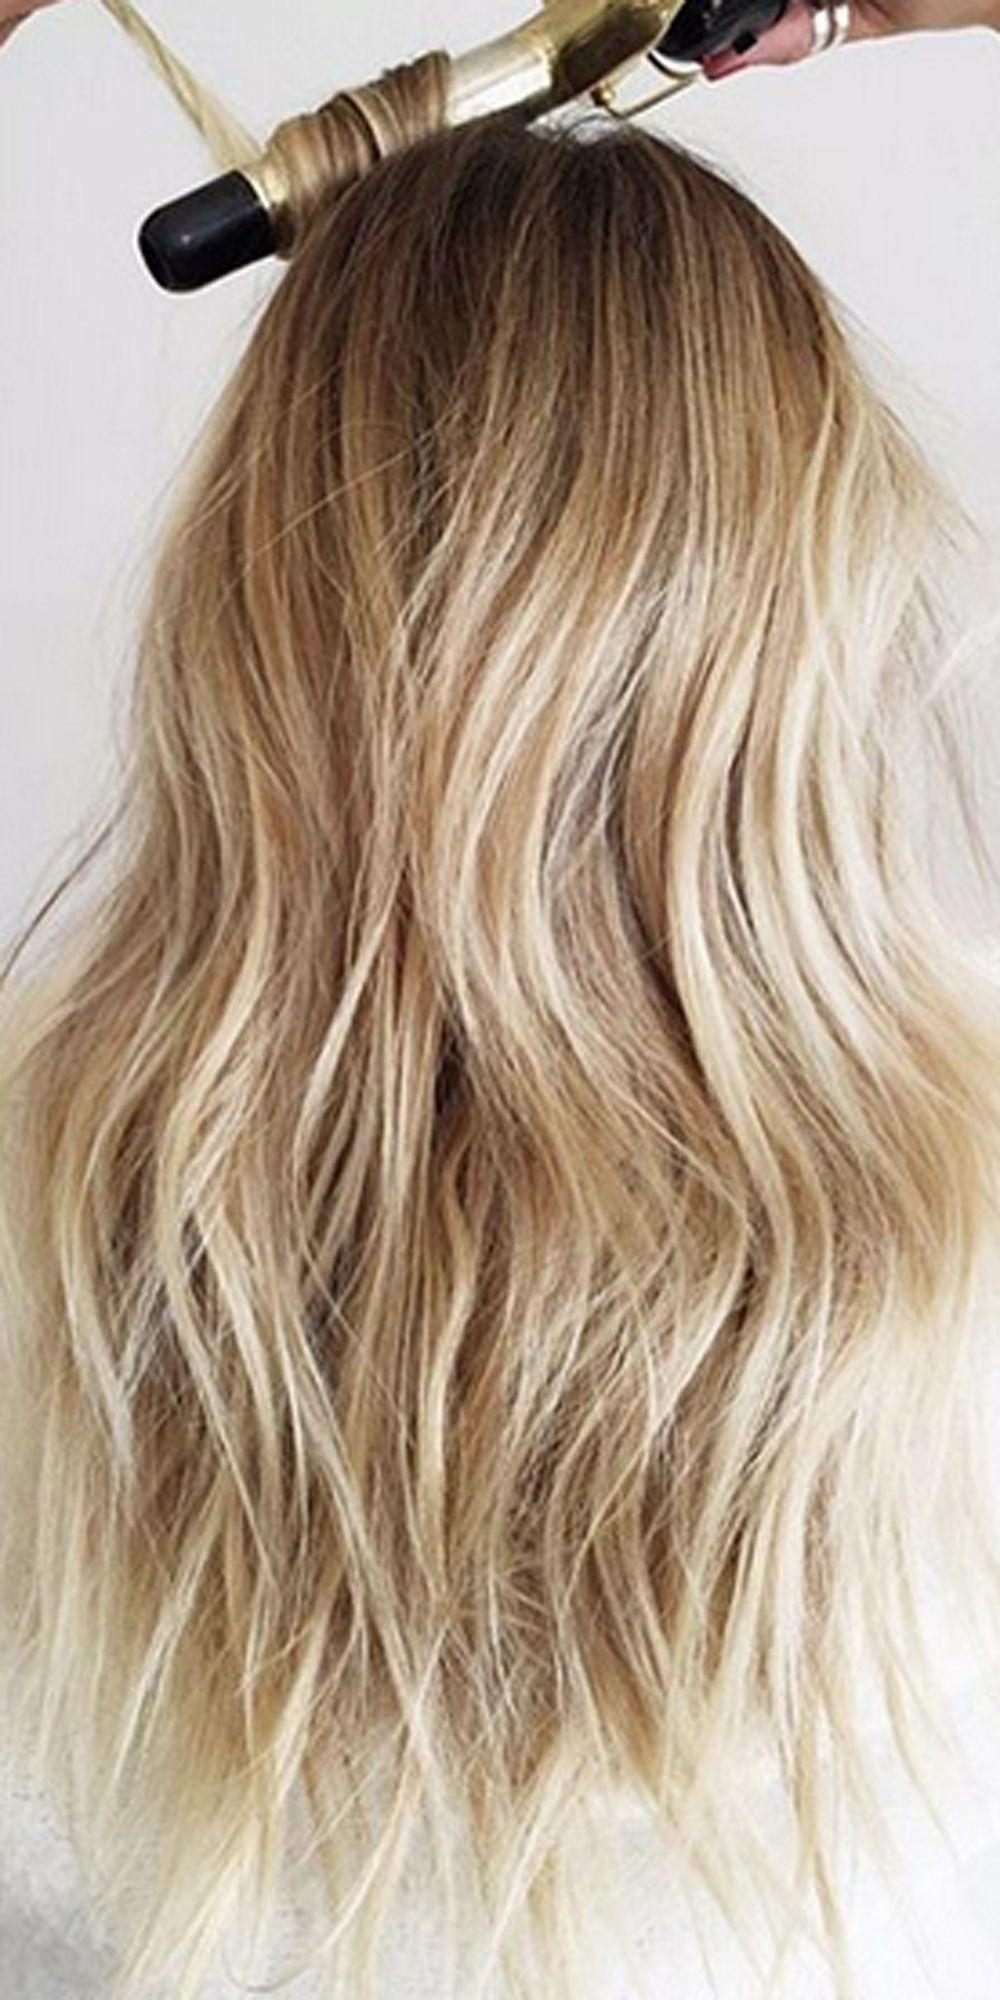 tongs curling hairstyles waves loose curl curls updo